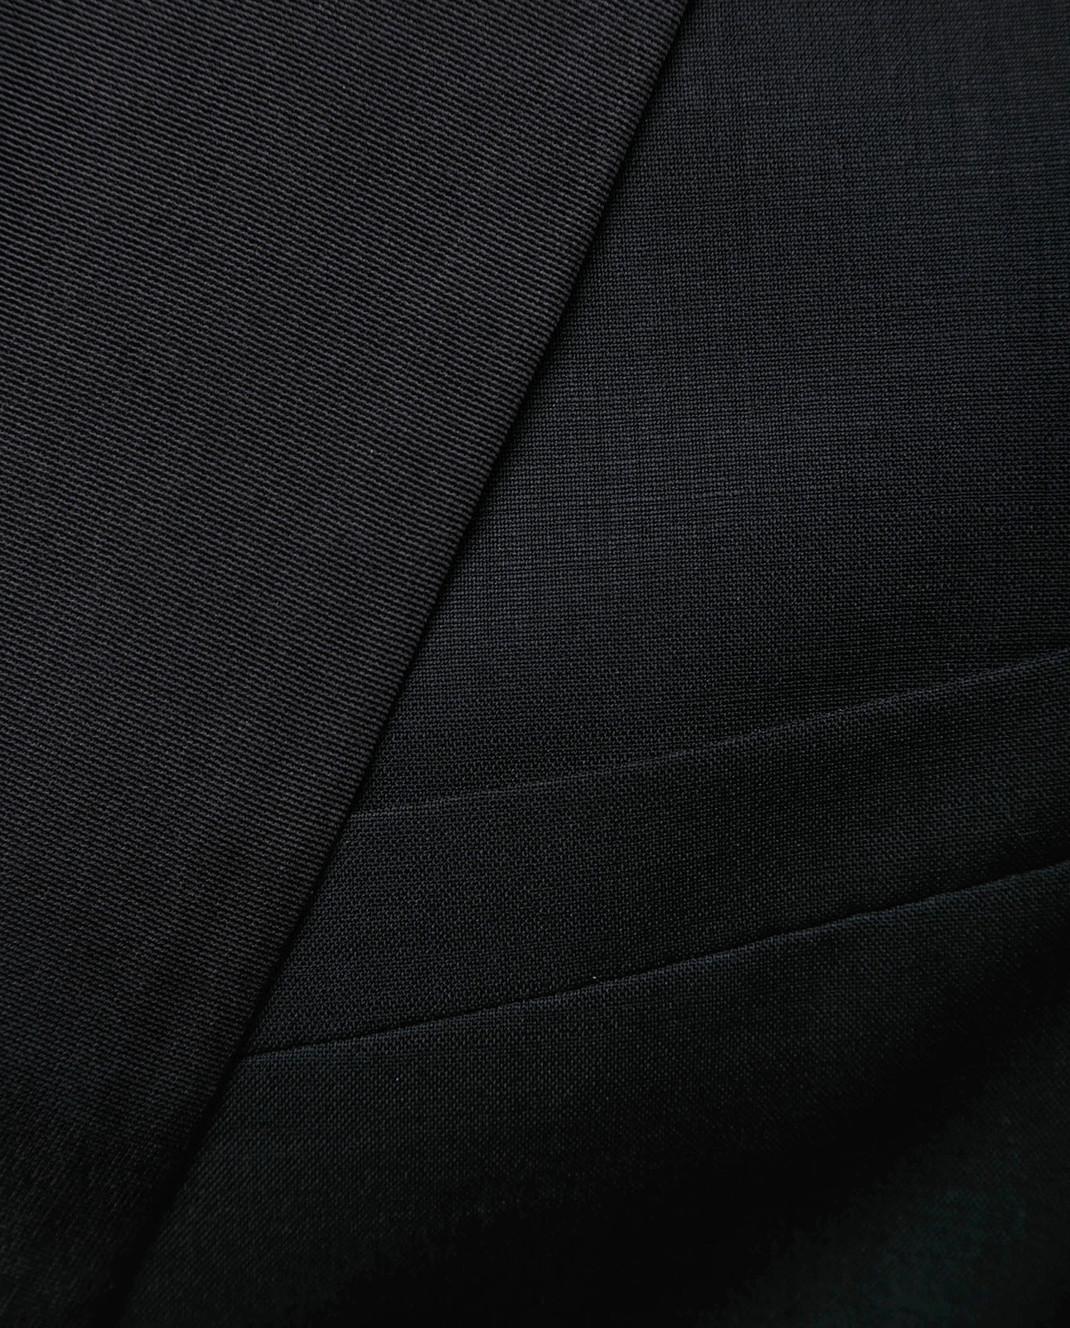 Prada Черный костюм из мохера и шерсти UAF4201KNB изображение 5